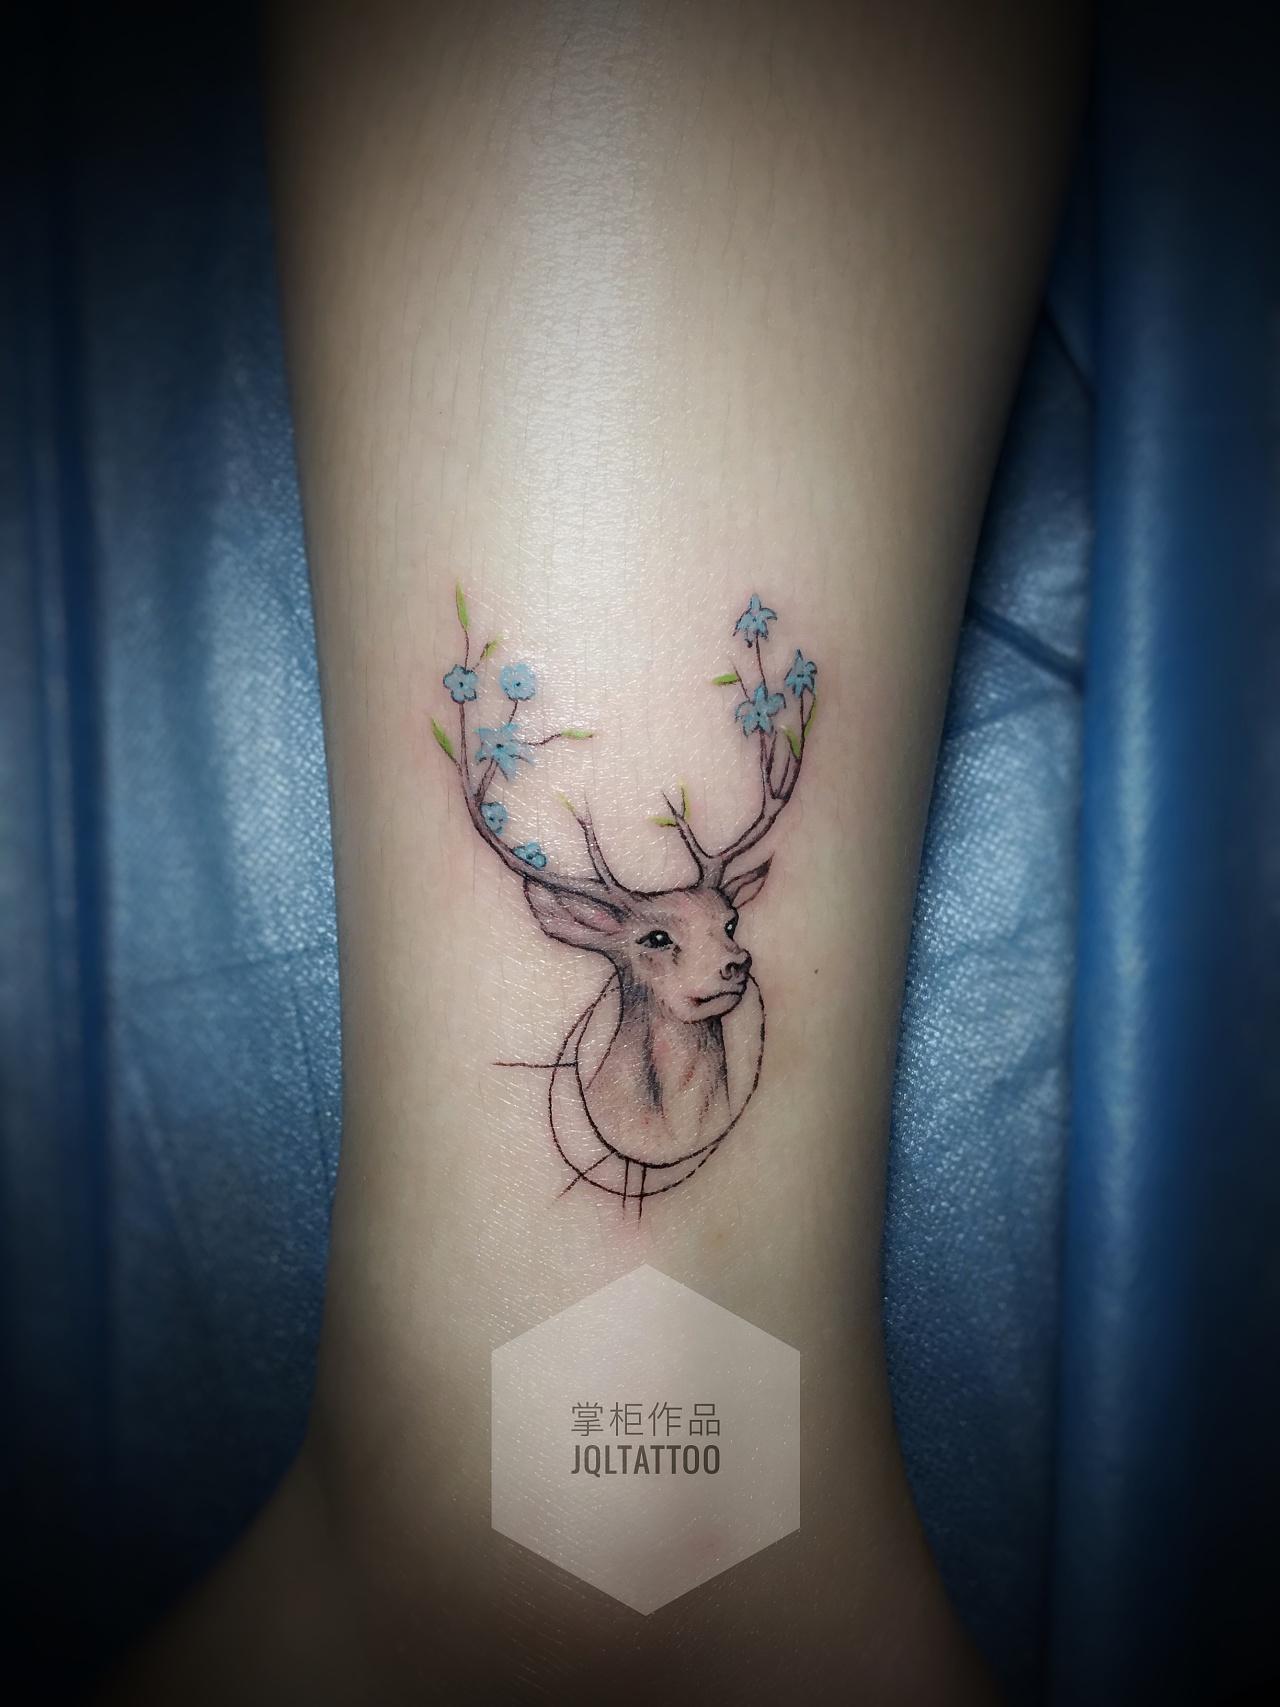 纹身作品|插画|其他插画|金麒麟纹身掌柜 - 原创作品图片